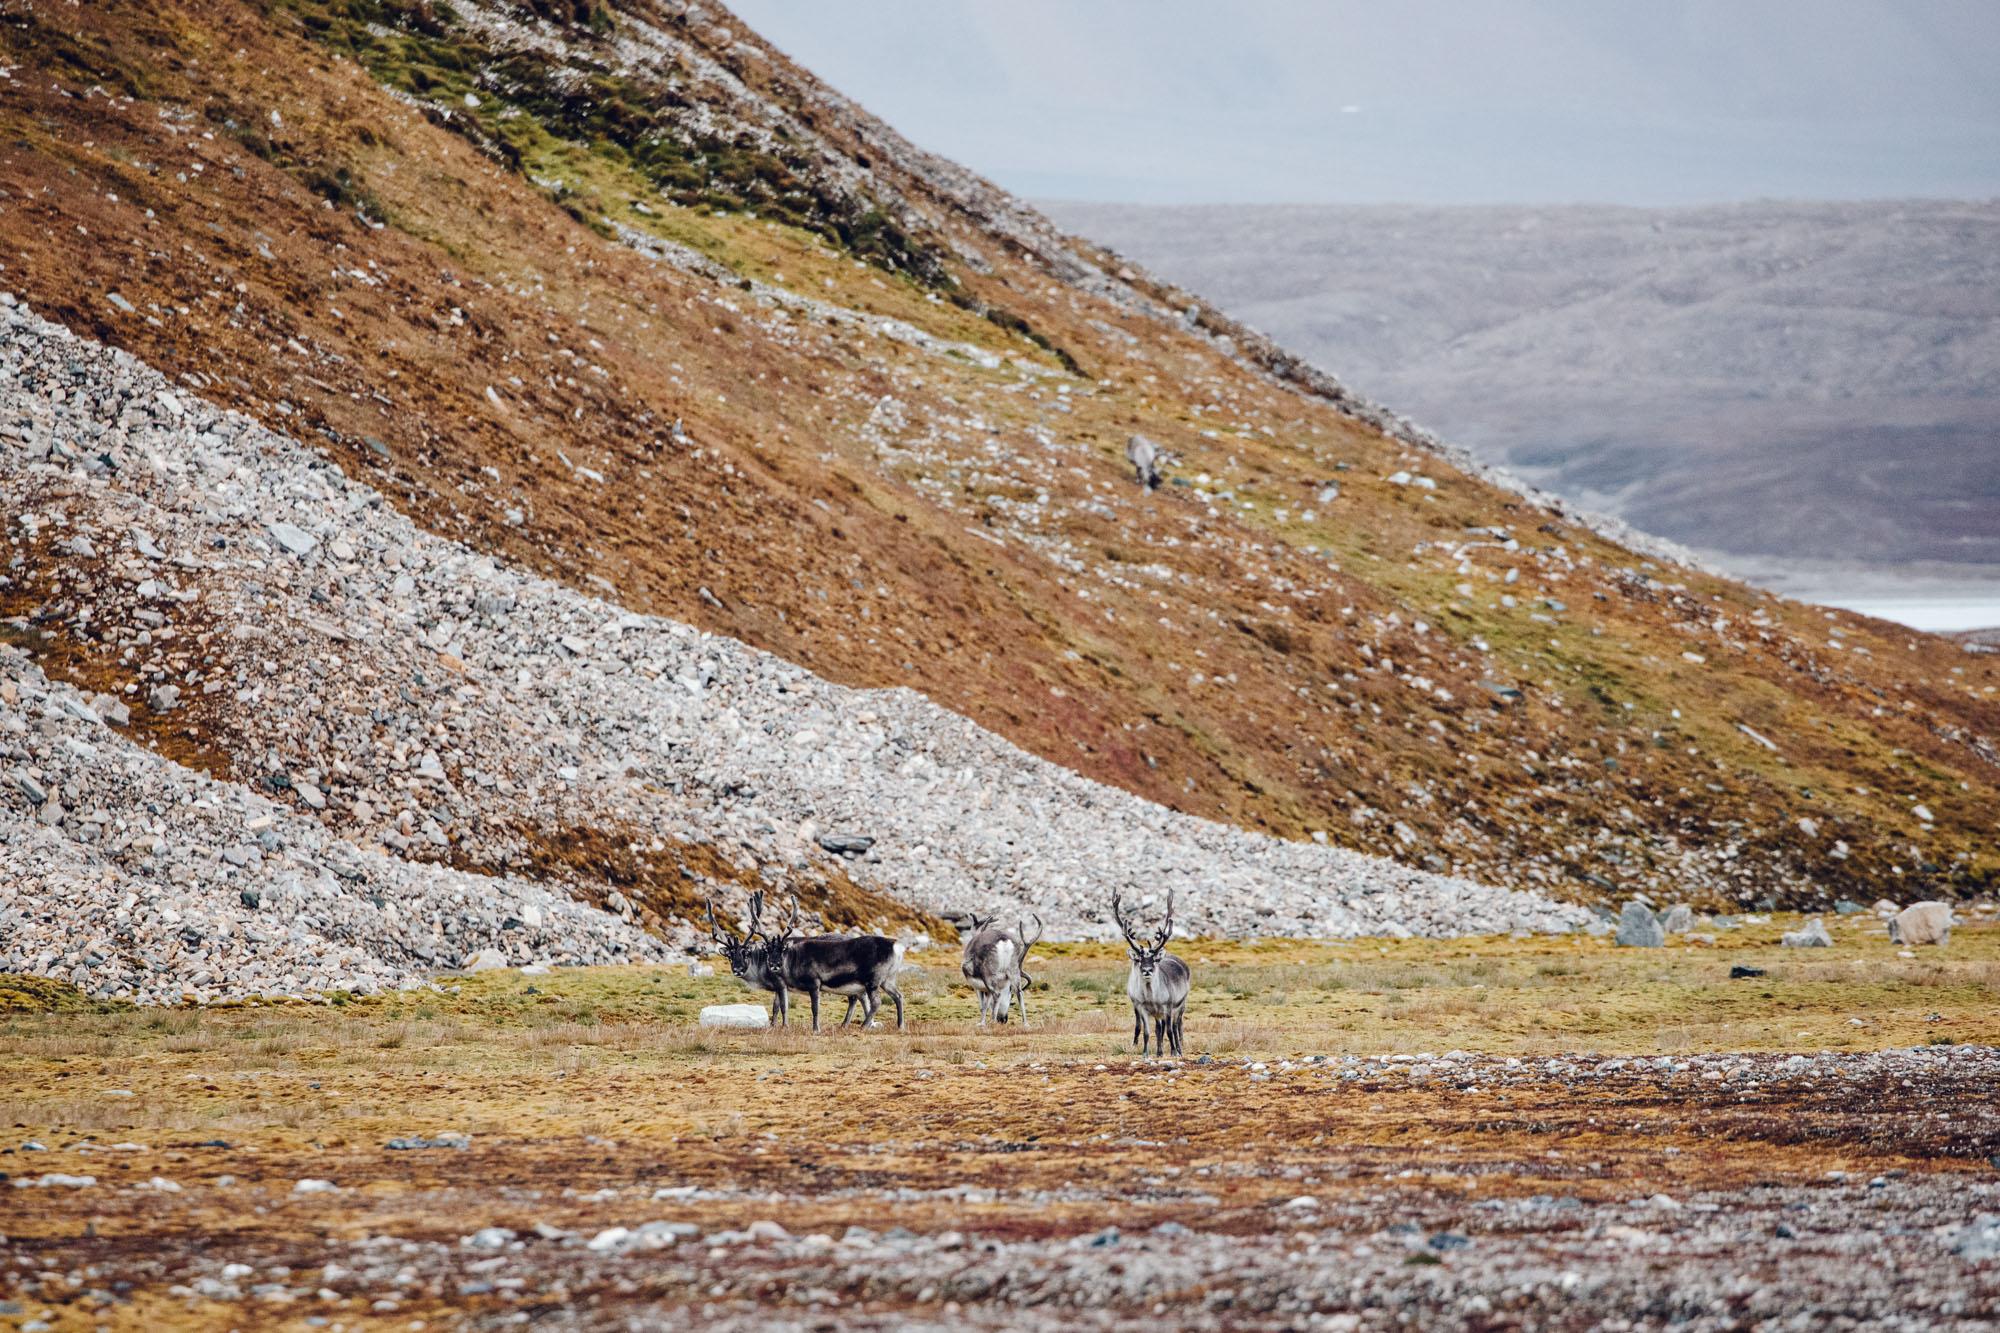 Svalbard reindeer in Spitsbergen, Svalbard